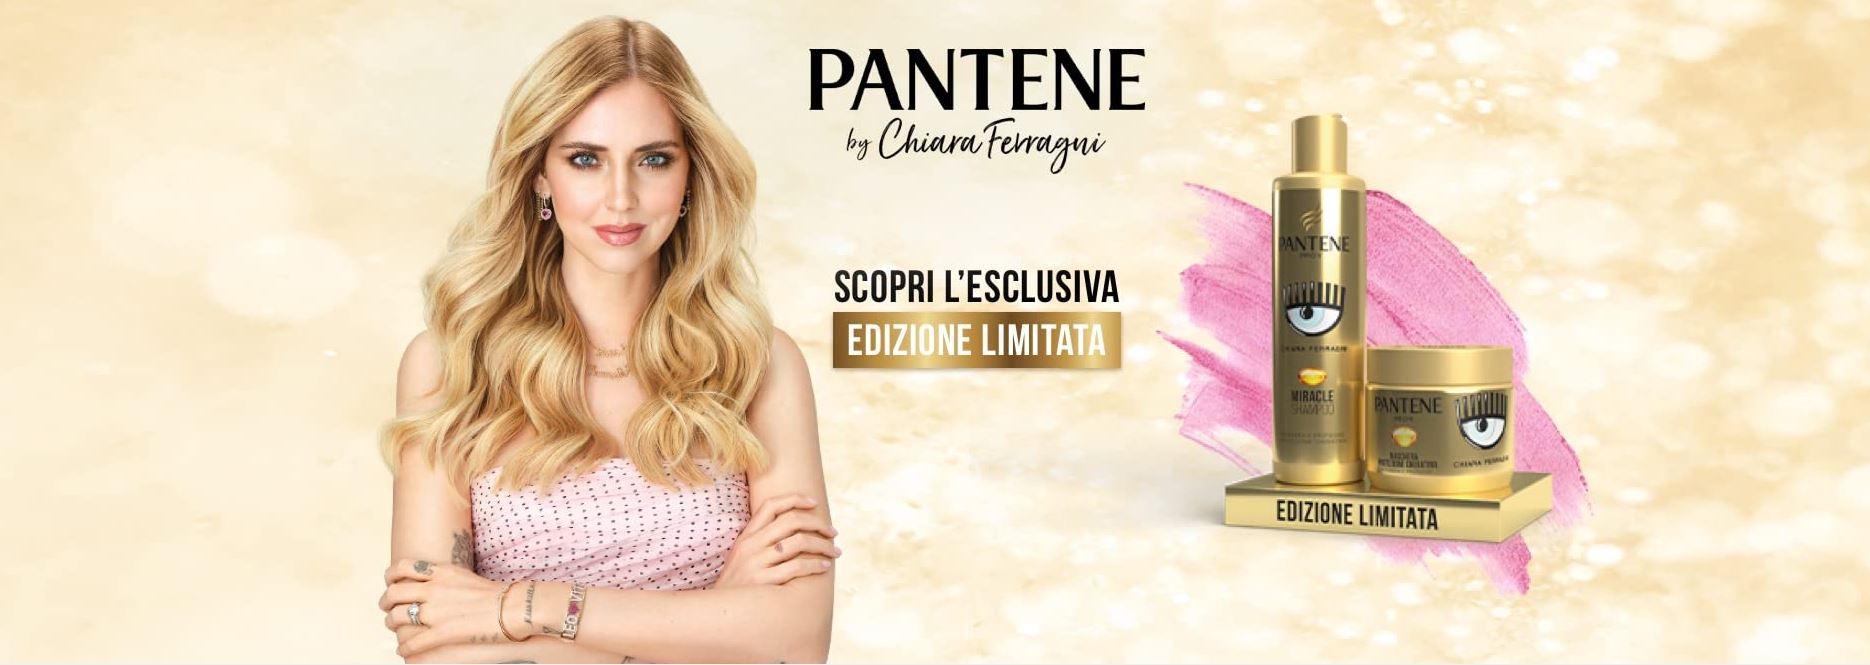 Nuova linea Pantene by Chiara Ferragni scopri e ottieni il codice sconto da 2€ su Amazon GosuMania